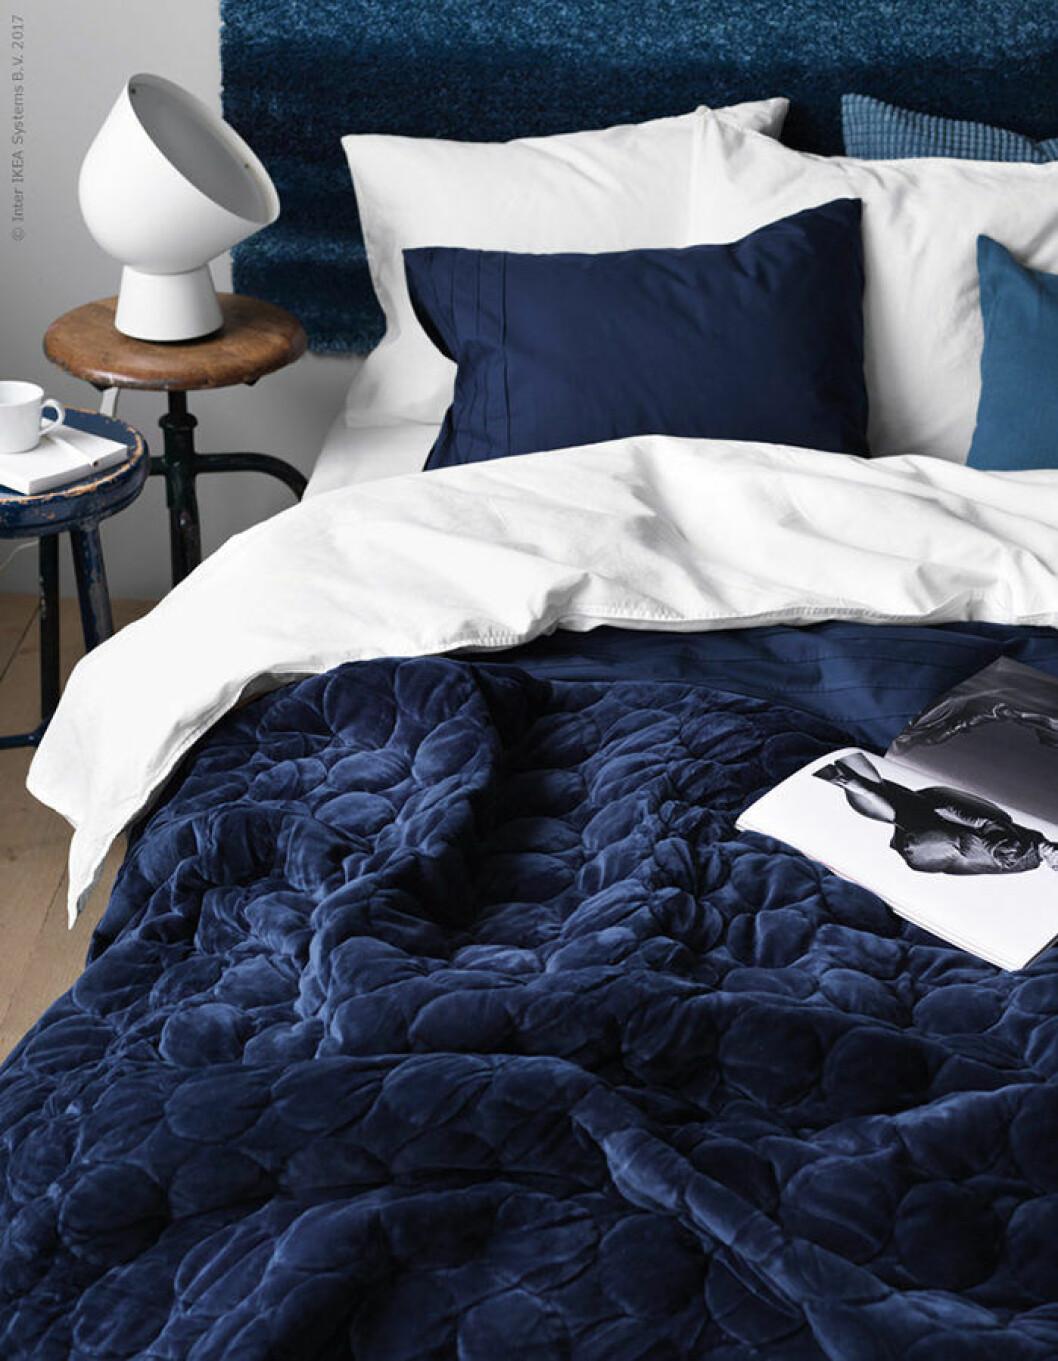 Säng med blått överkast, blåa kuddar och blå sänggavel